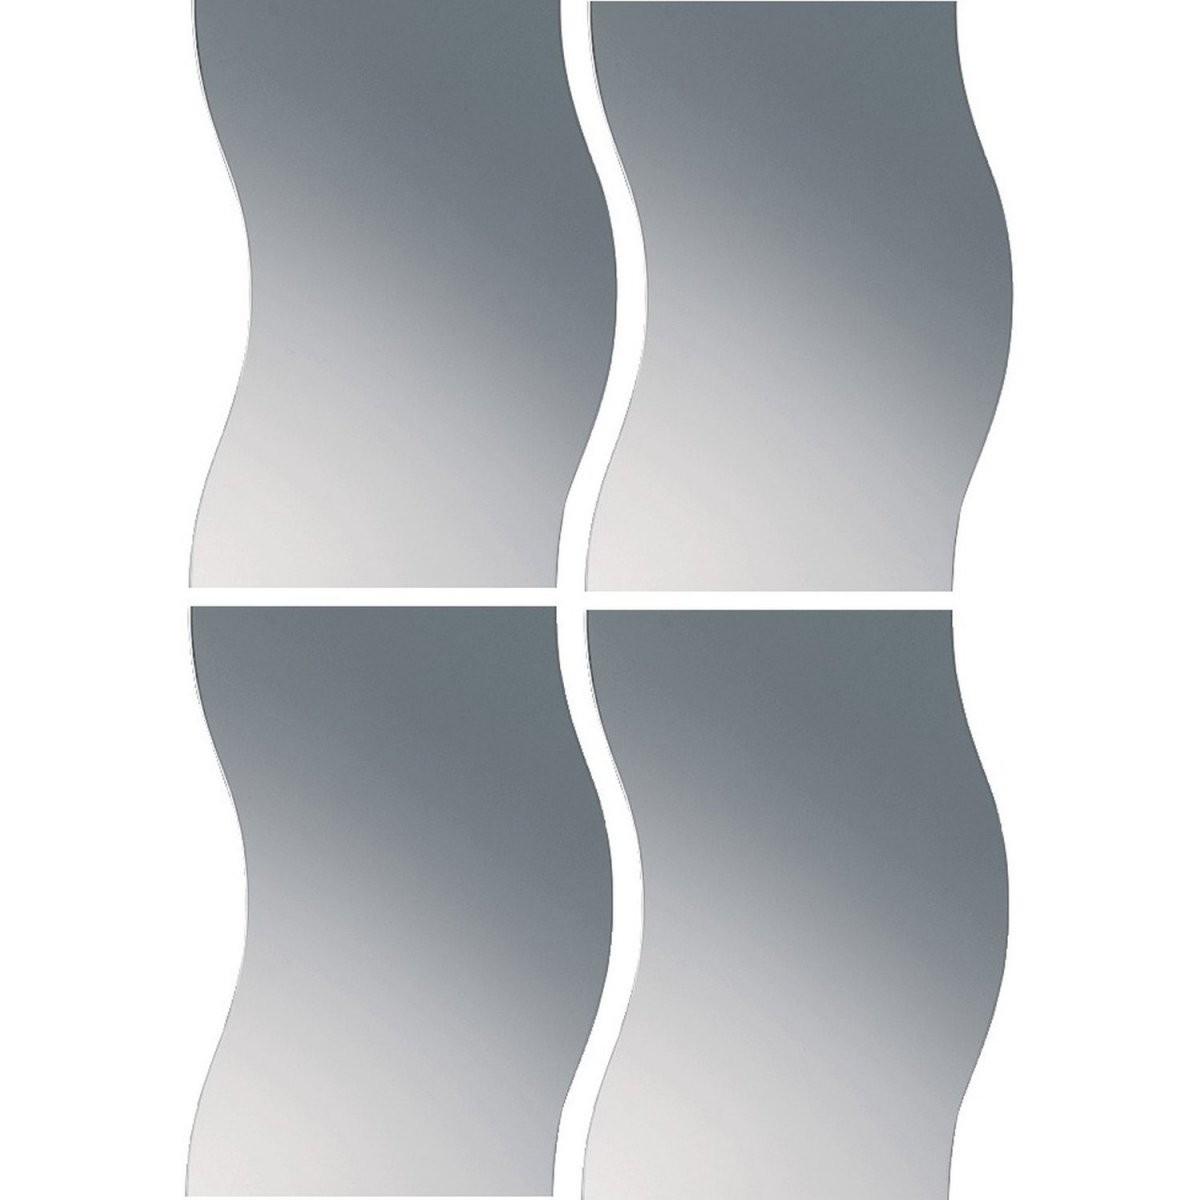 Badspiegel  Badezimmerspiegel Online Kaufen Bei Obi von Schminkspiegel Mit Beleuchtung Ikea Bild